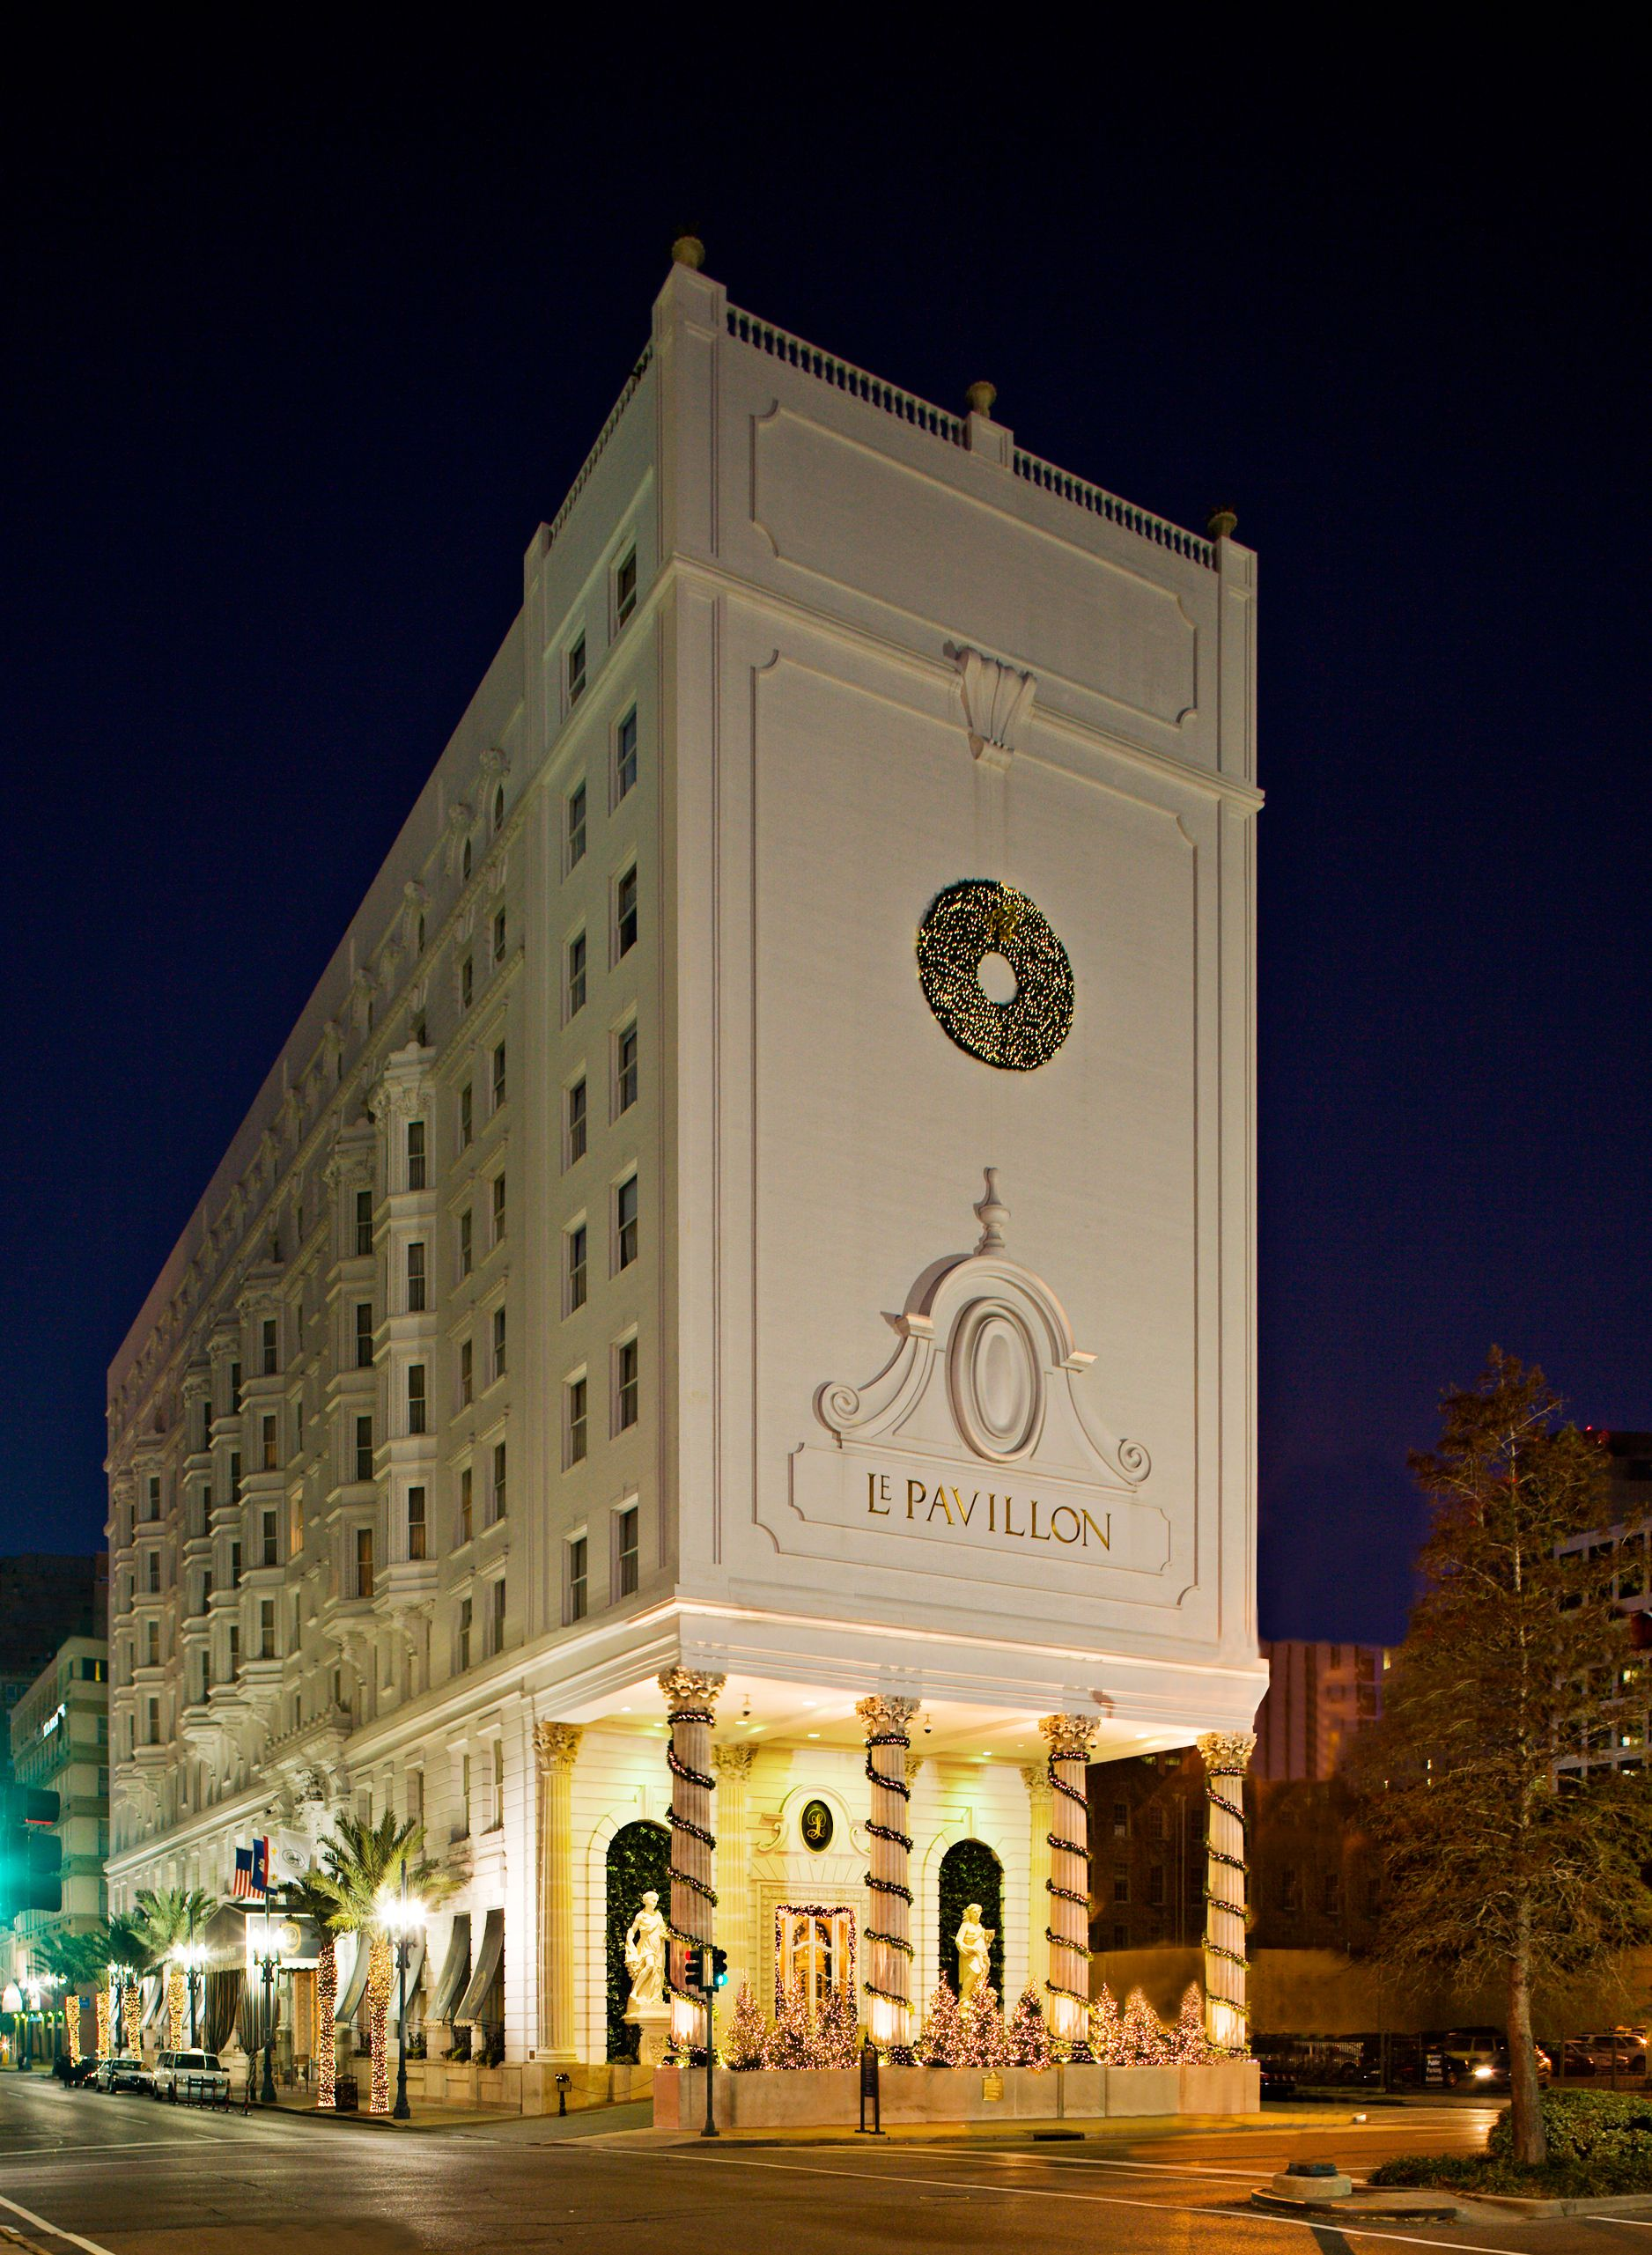 Le Pavillon Hotel Orleans La Adventure